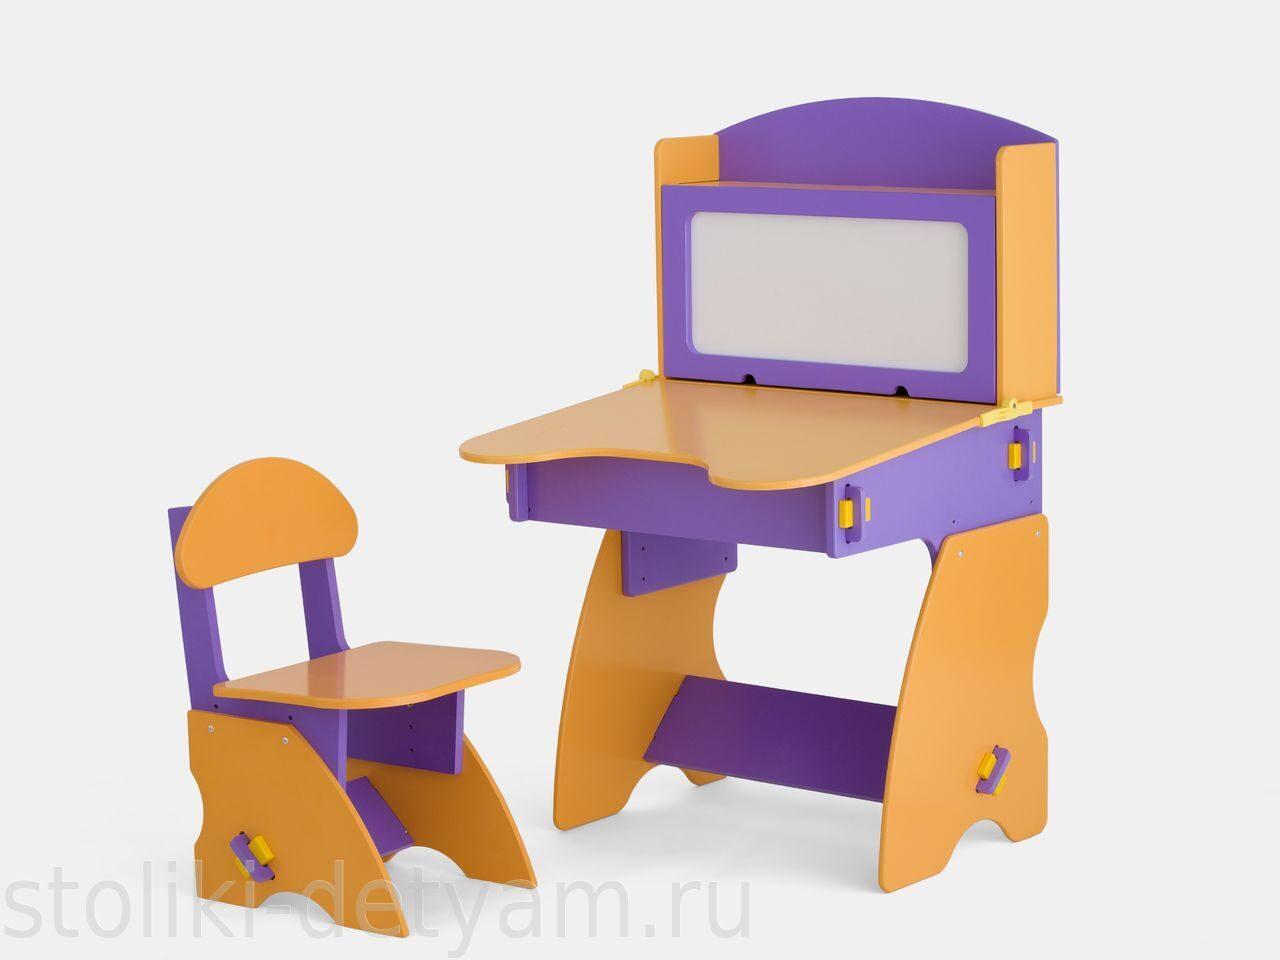 Детский столик с магнитной доской, фиолетово-оранжевый ФО-1 Столики Детям